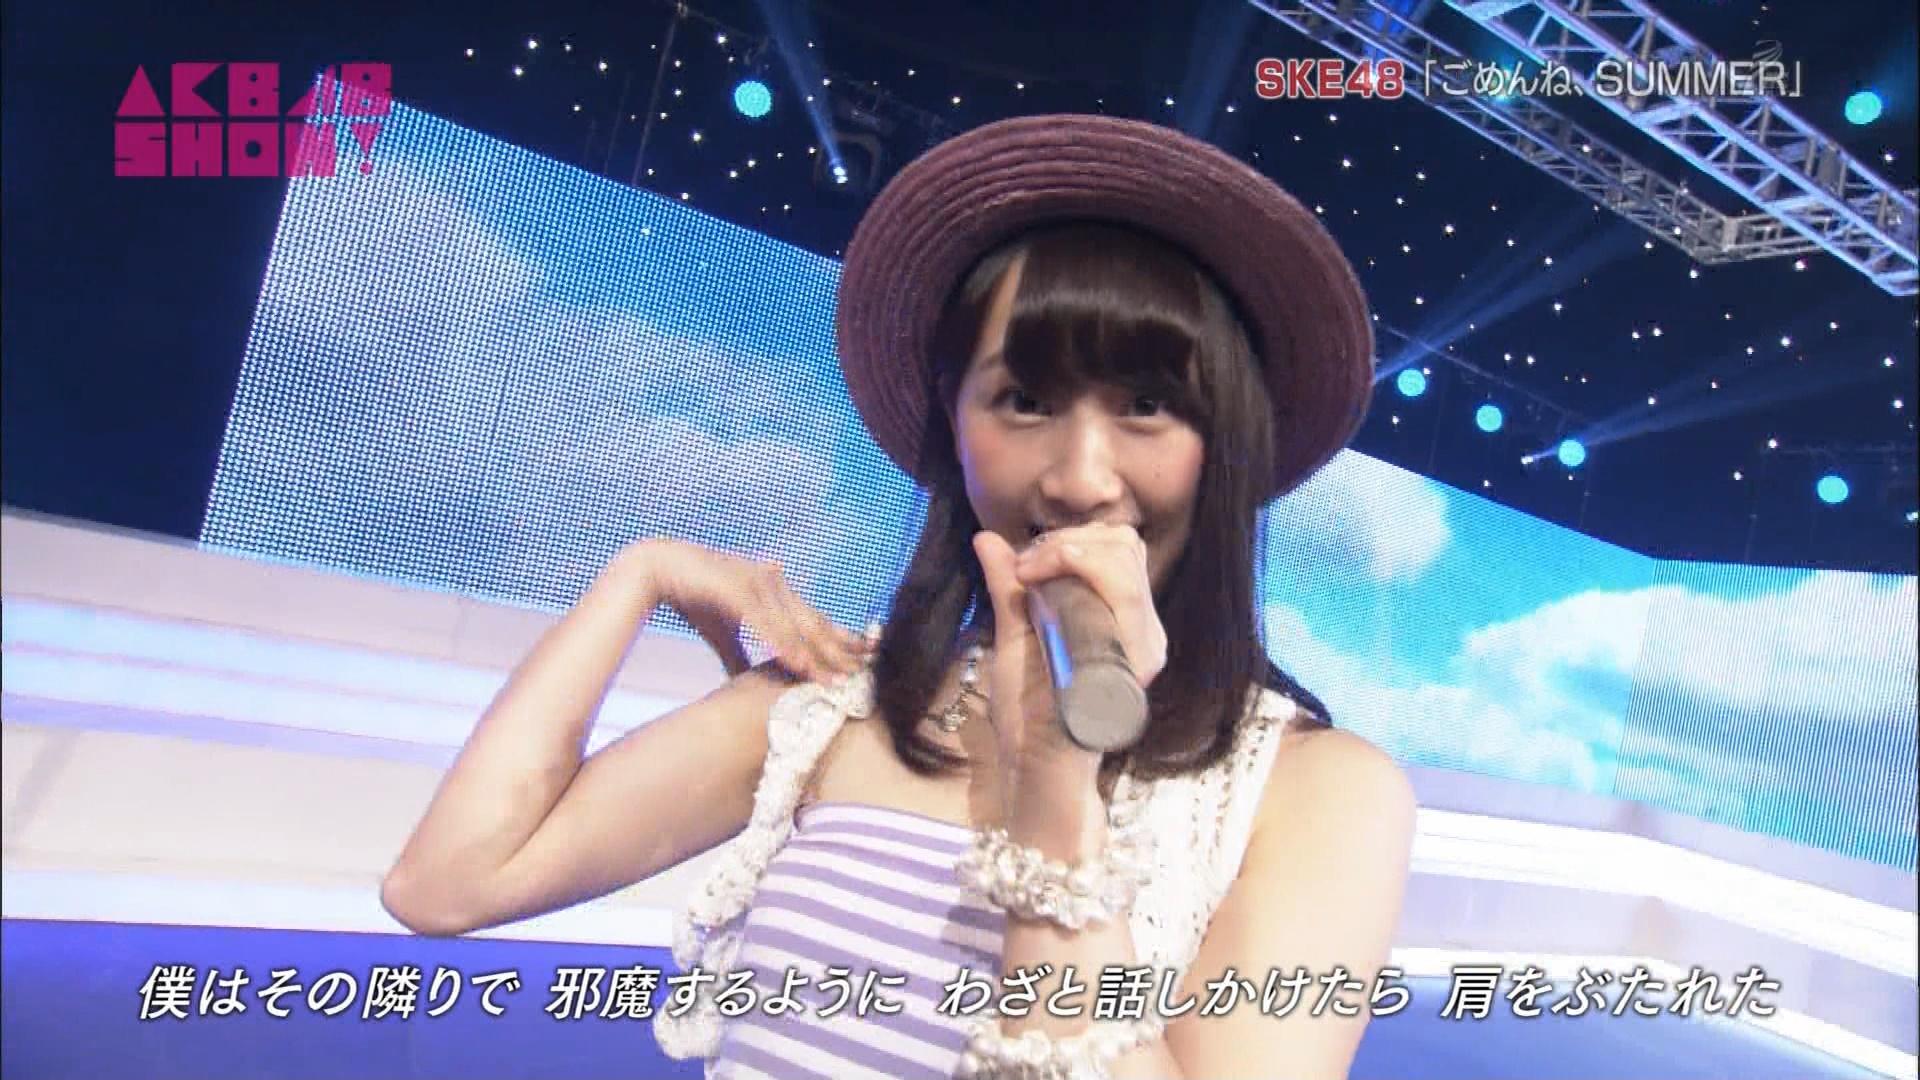 AKB48SHOW ごめんね、SUMMER 松井玲奈 20140830 (5)